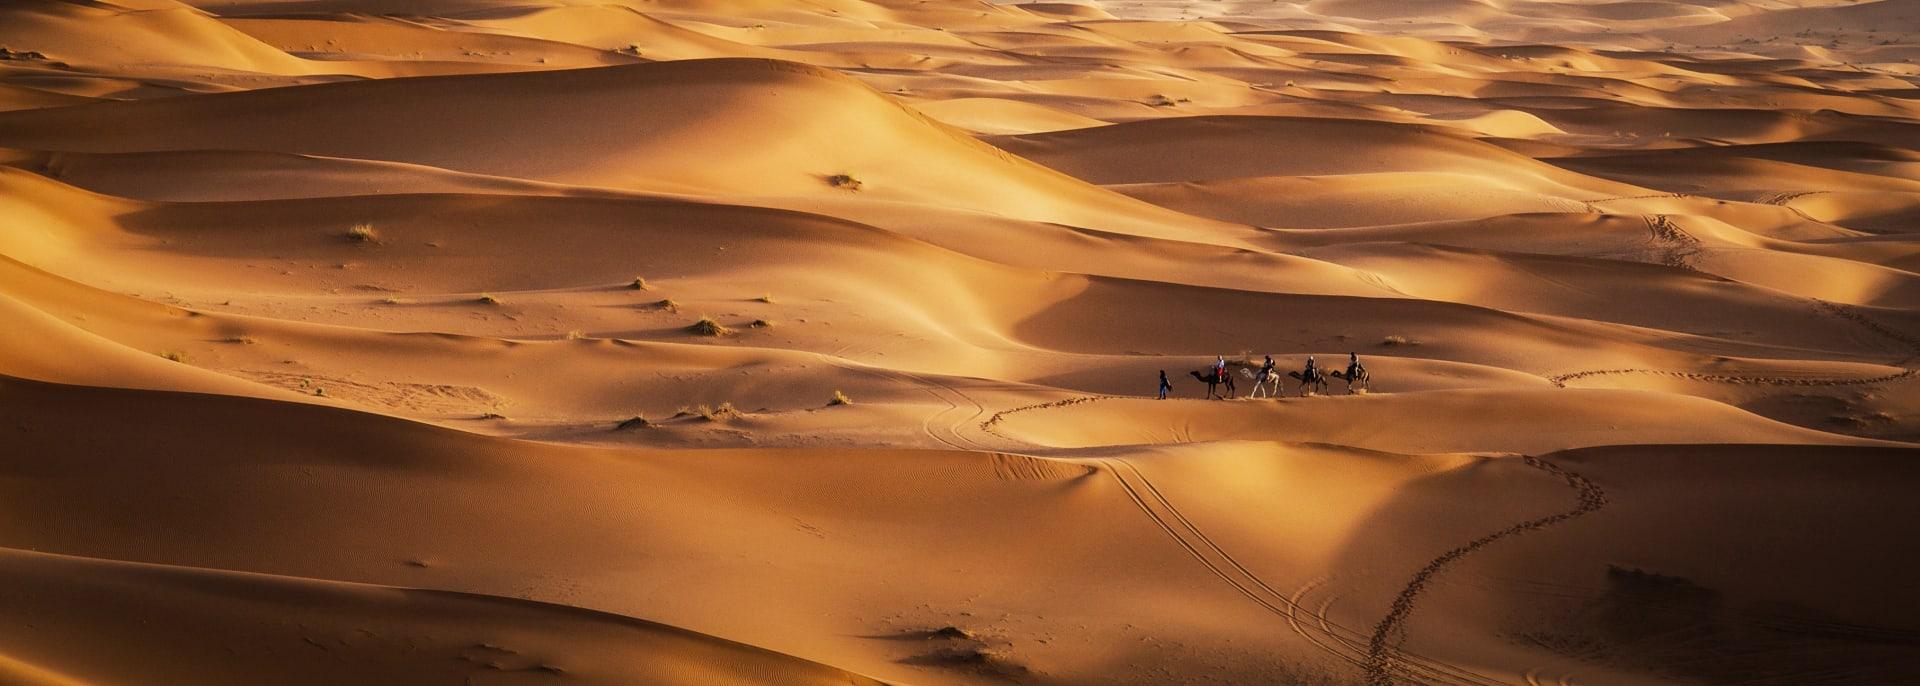 Gruppenreisen mit Kamelen, Oman